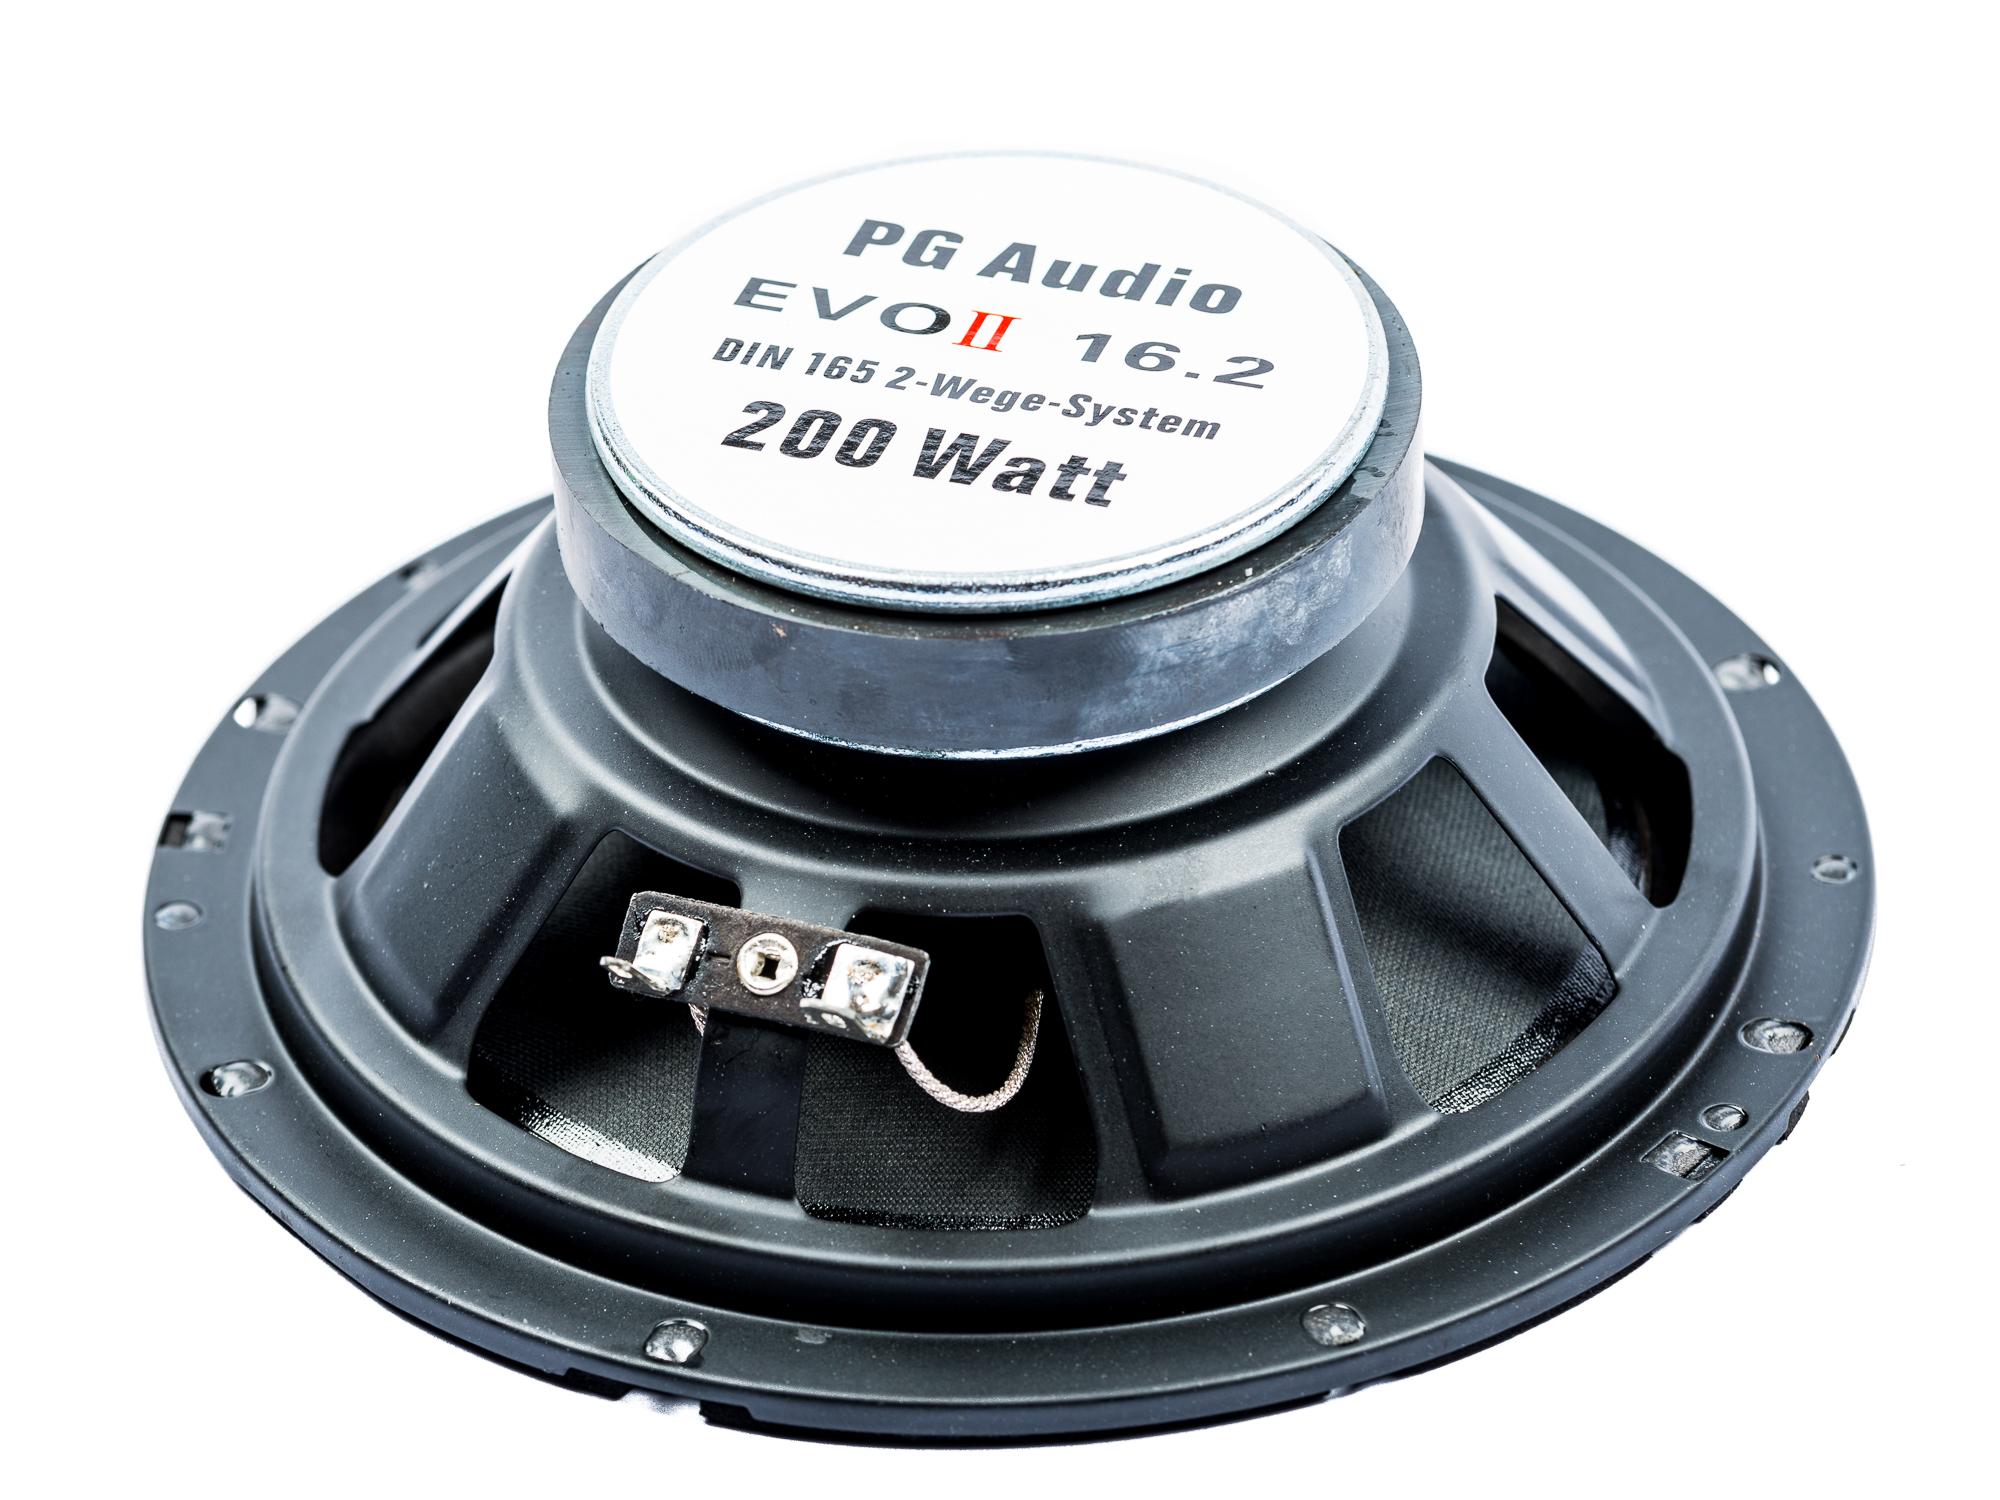 Citroen Berlingo Peugeot Partner Lautsprecher Einbauset Tür vorne PG Audio – Bild 3